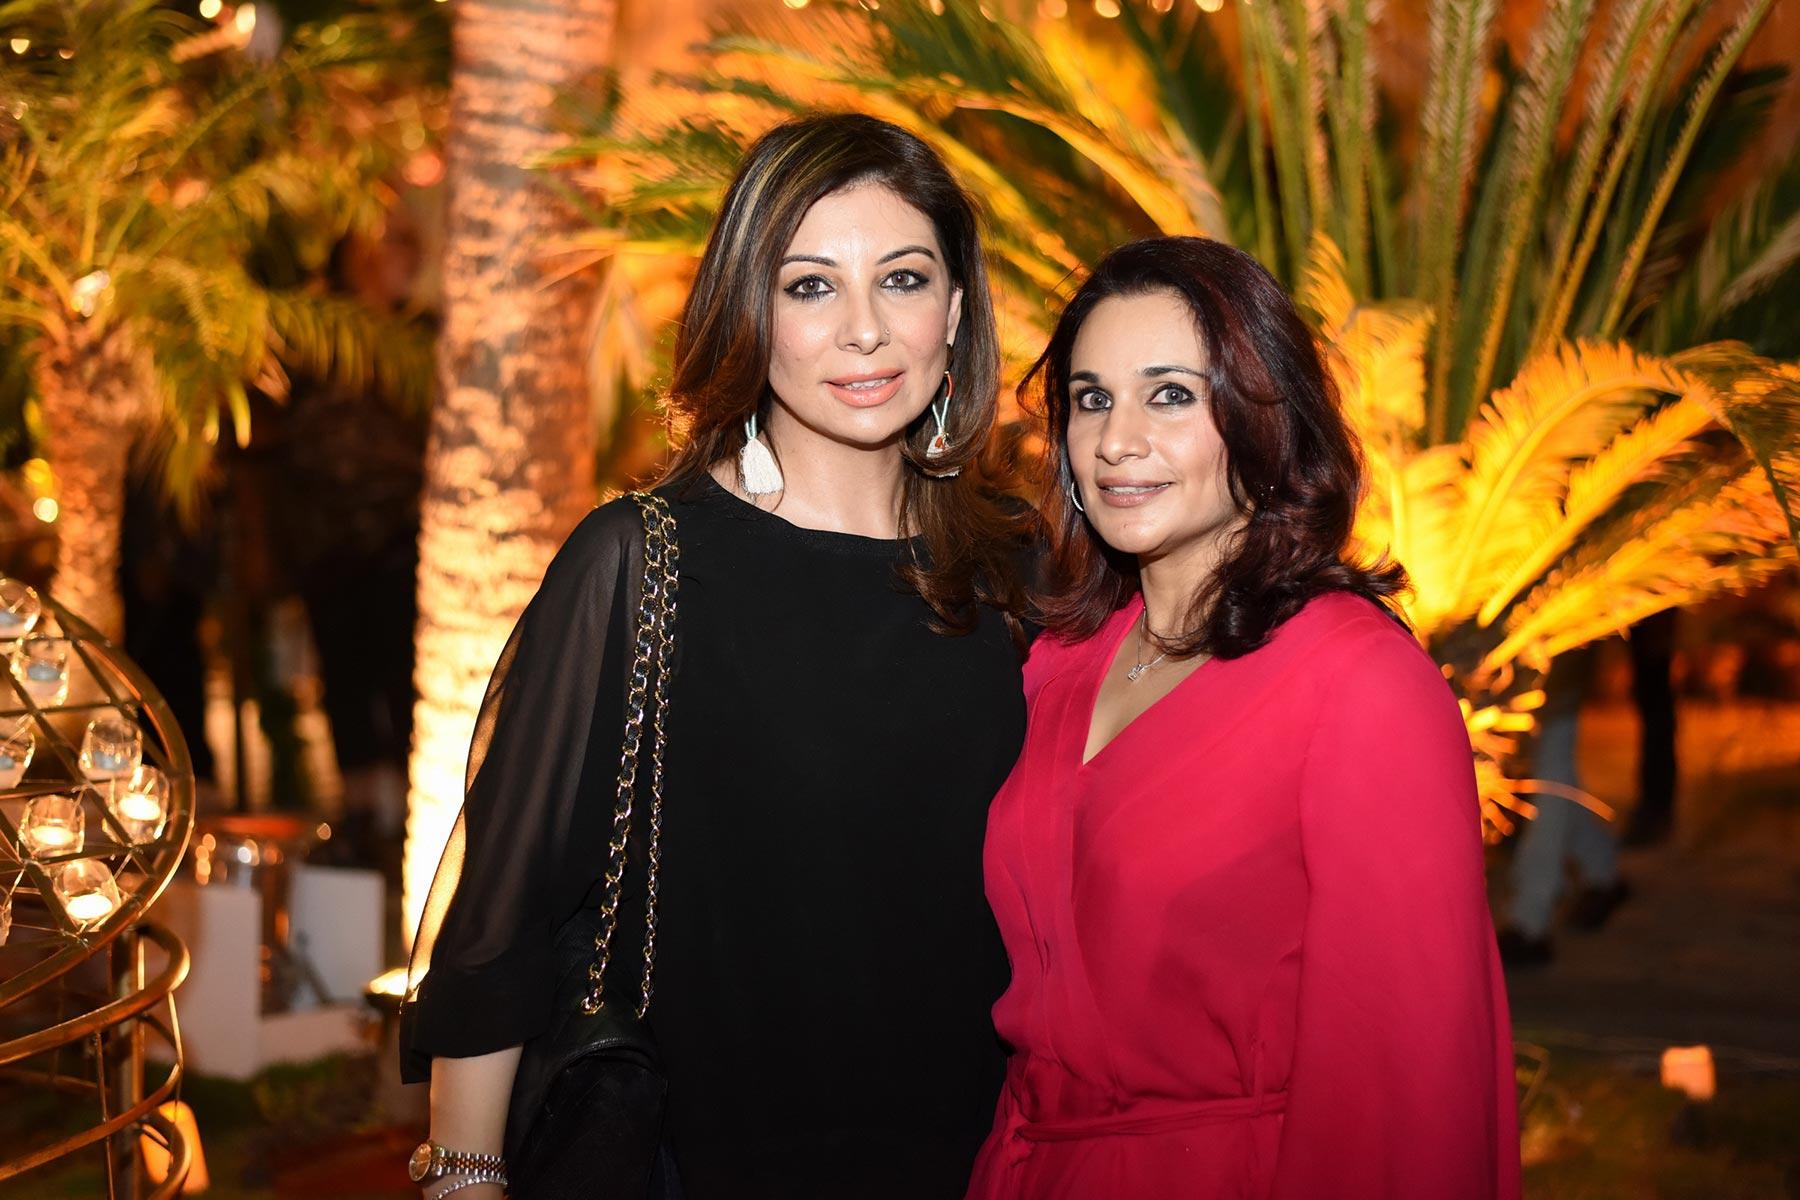 Abida and Natasha